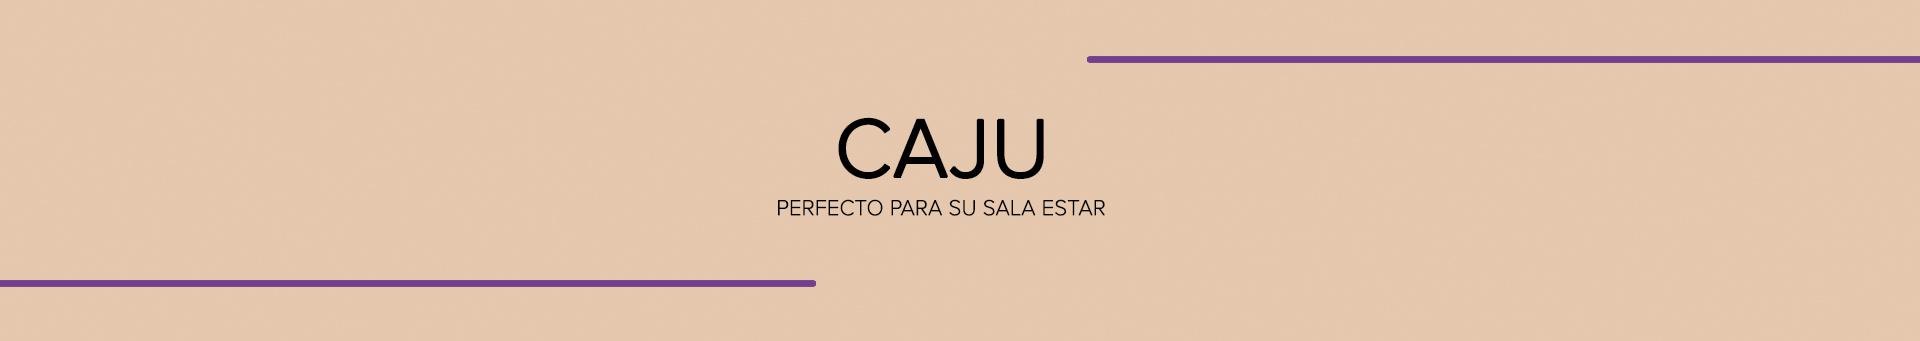 Panel Caju